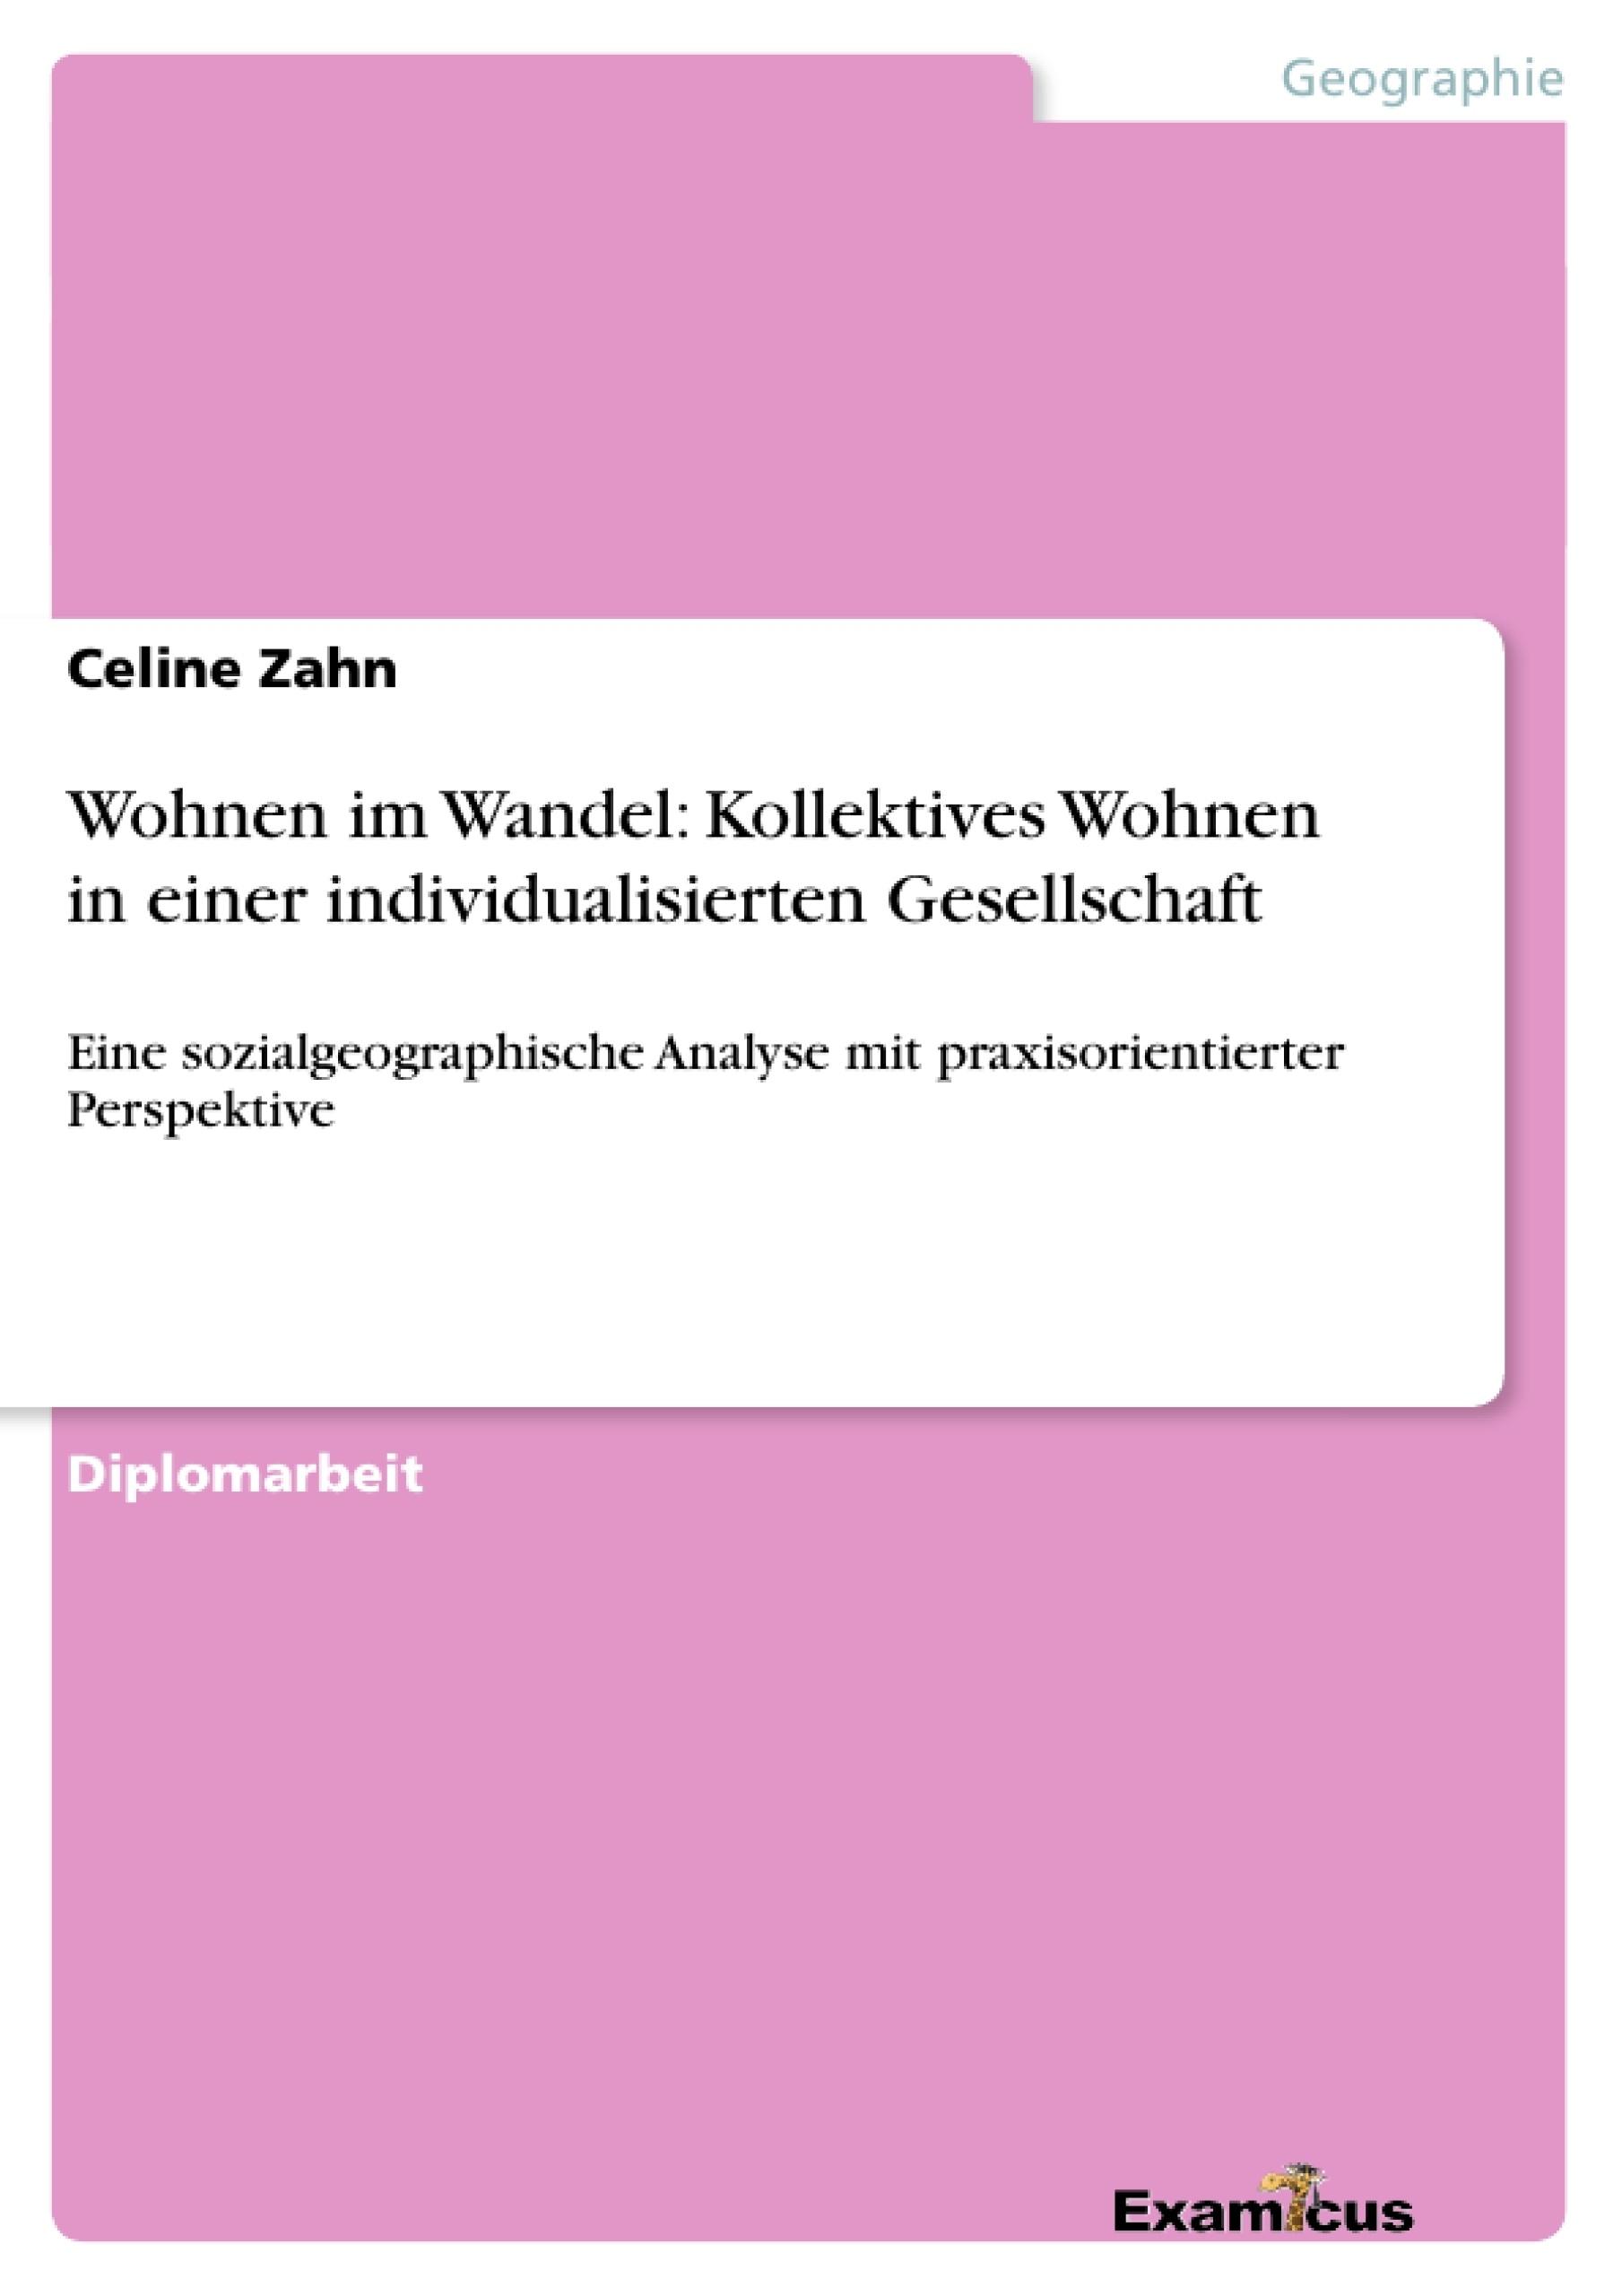 Titel: Wohnen im Wandel: Kollektives Wohnen in einer individualisierten Gesellschaft